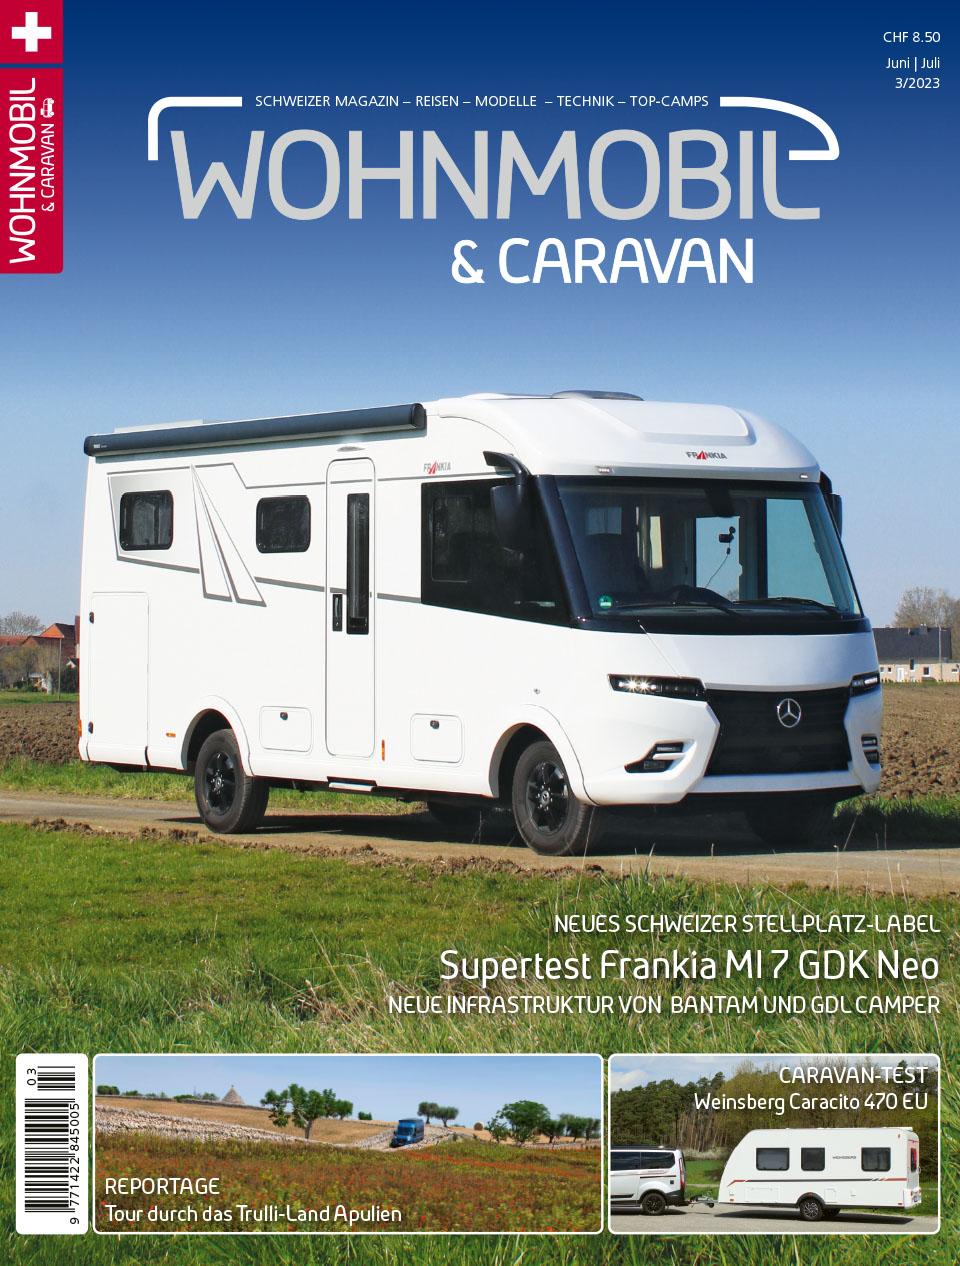 Wohnmobil & Caravan: Retrouvez nous sur facebook